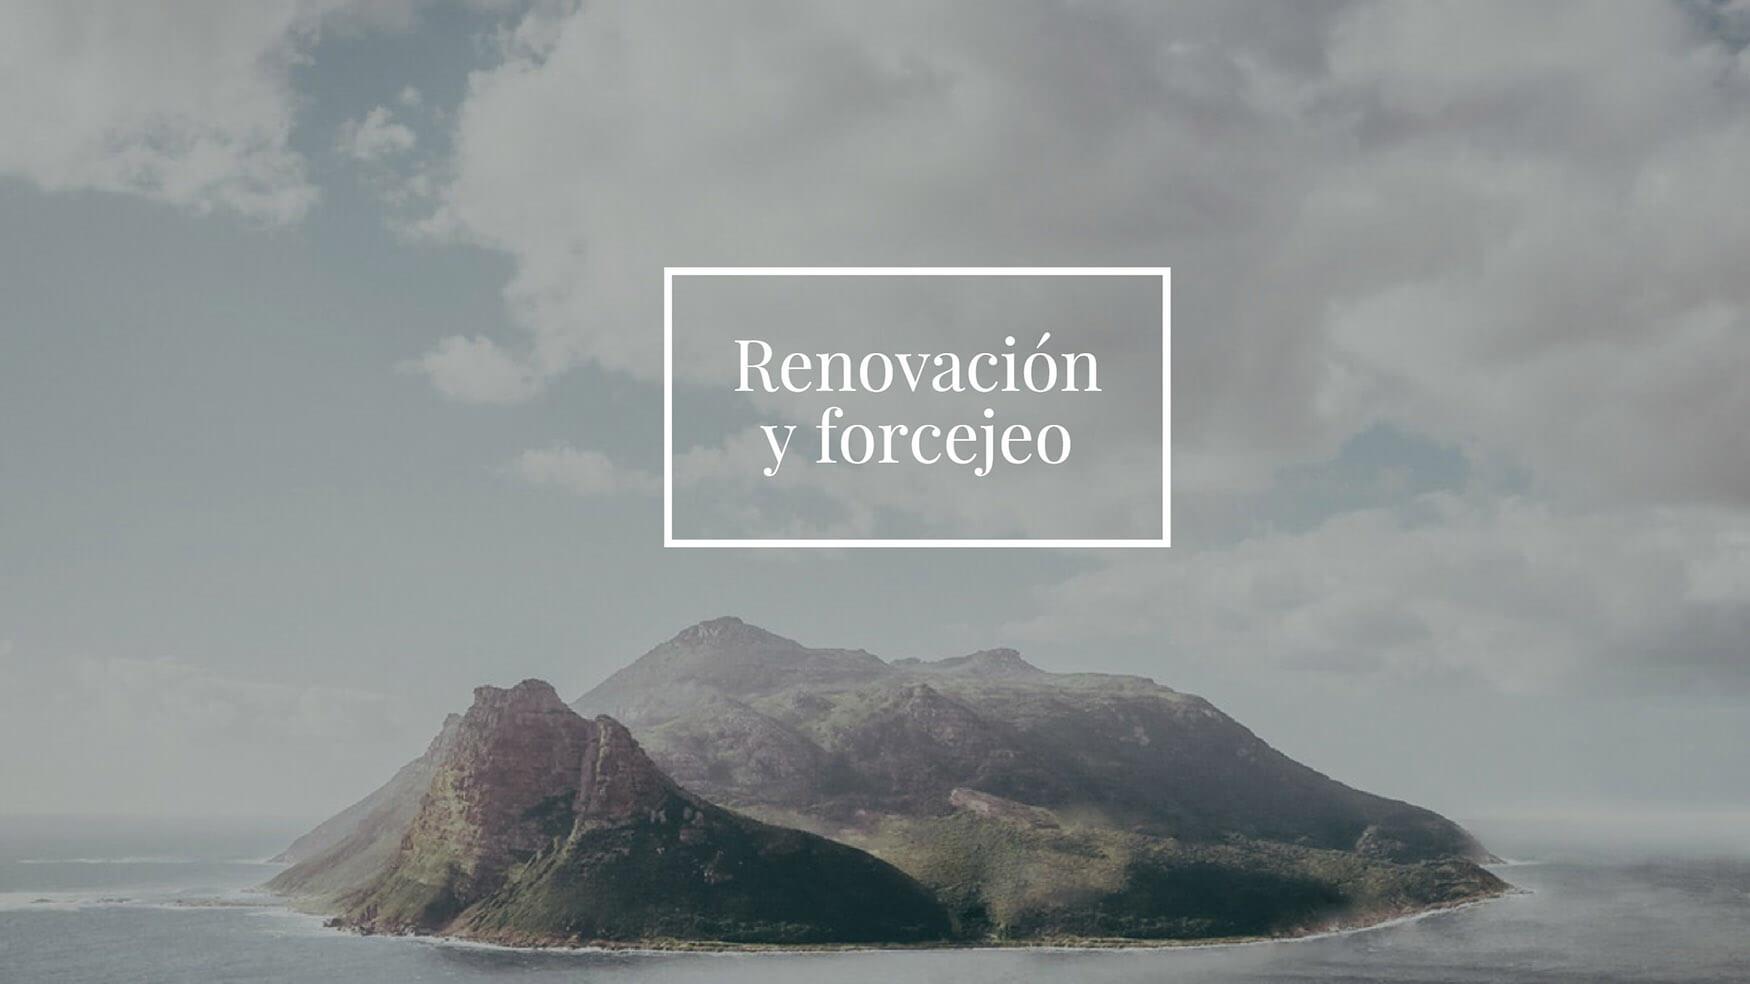 Renovación y forcejeo